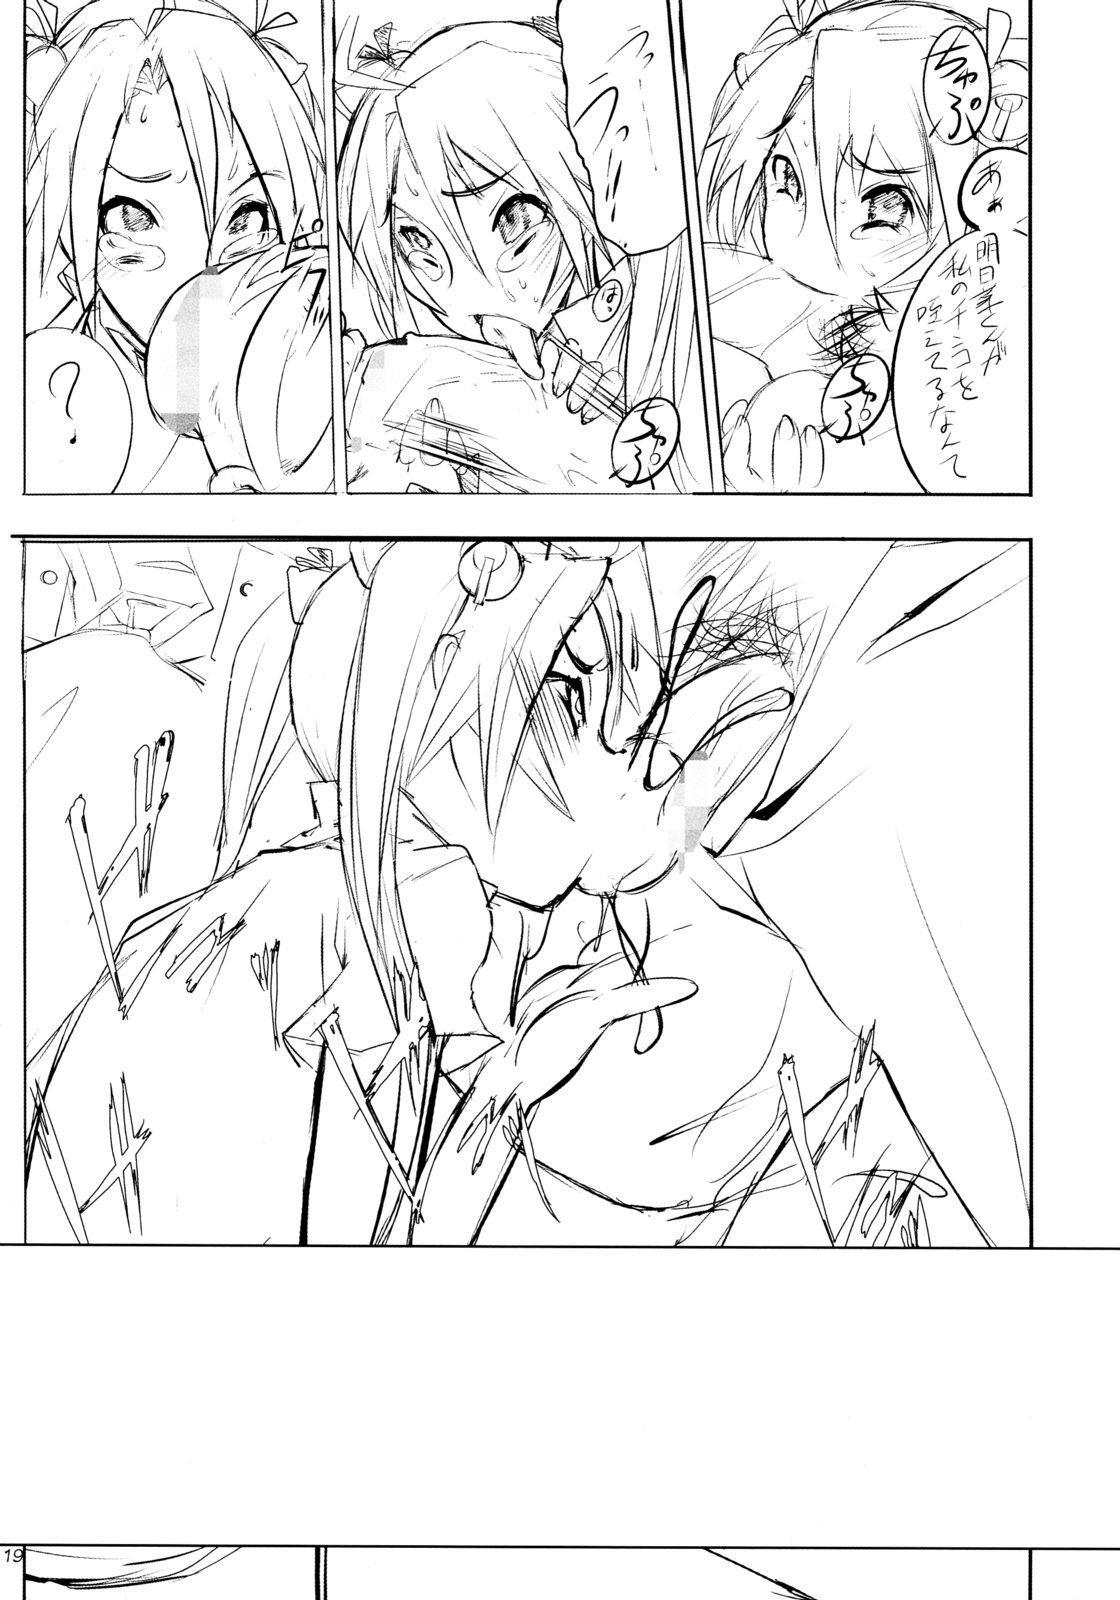 Ayase Yue to Miyazaki Nodoka no Chijou. 17